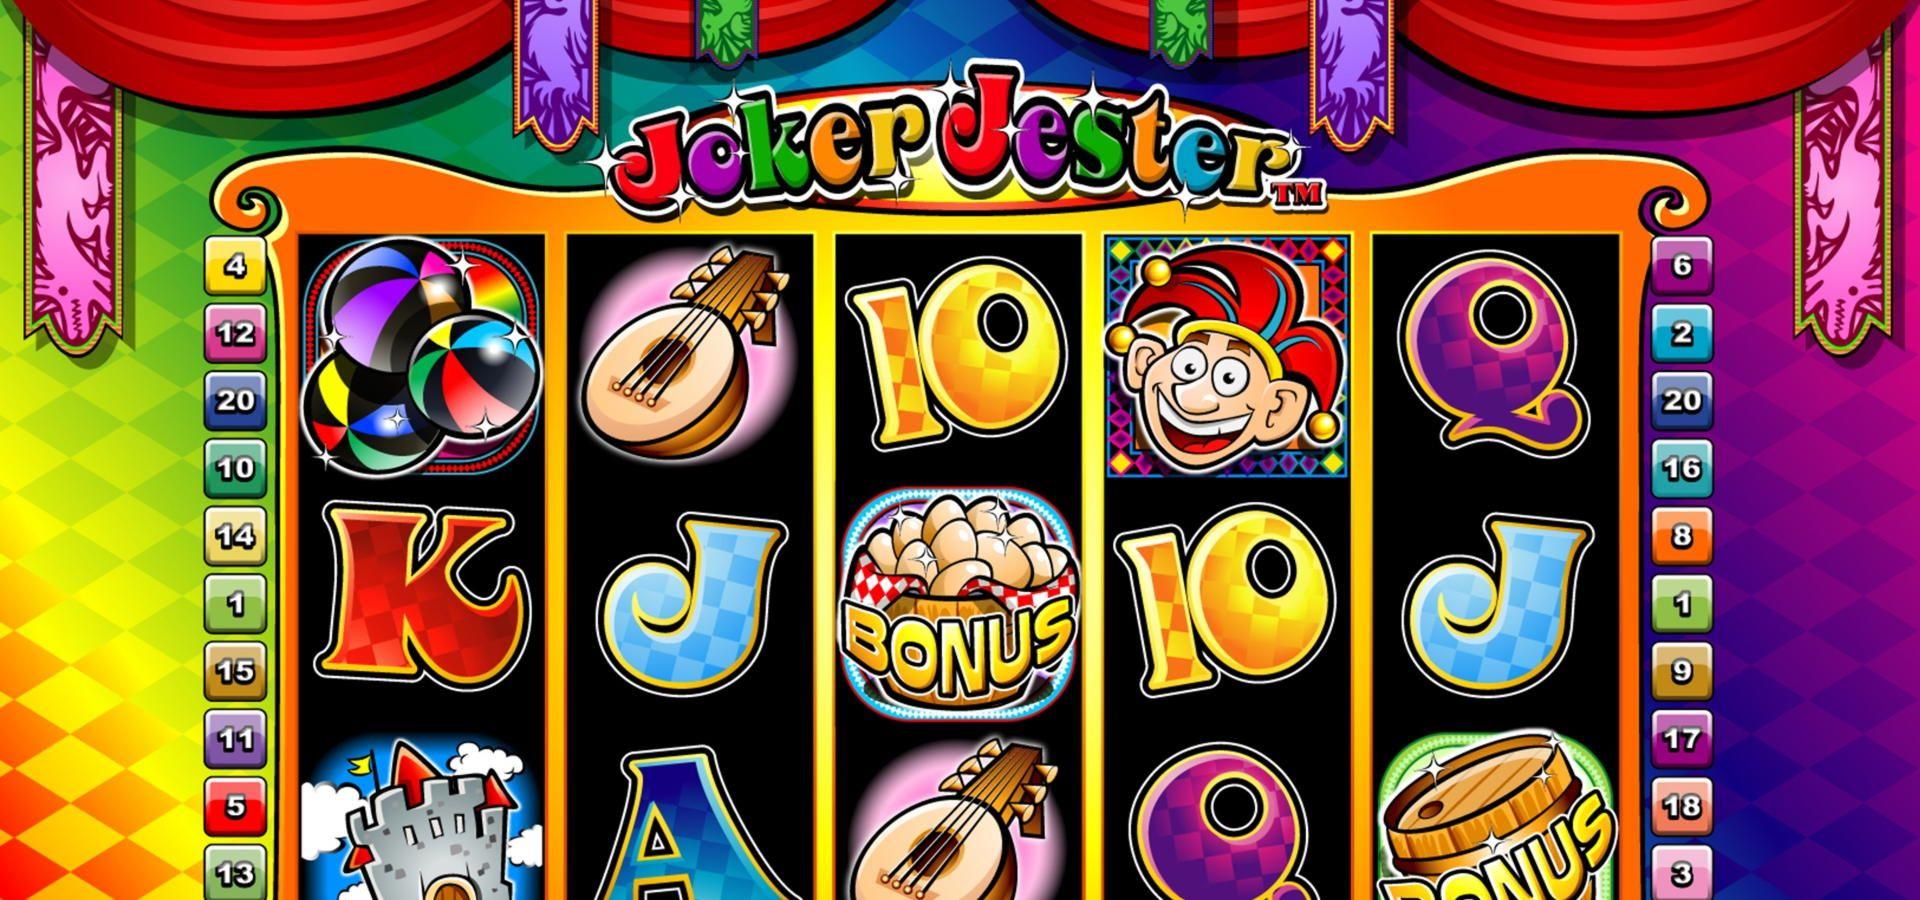 95 Free Spins No Deposit At Treasure Island Jackpots